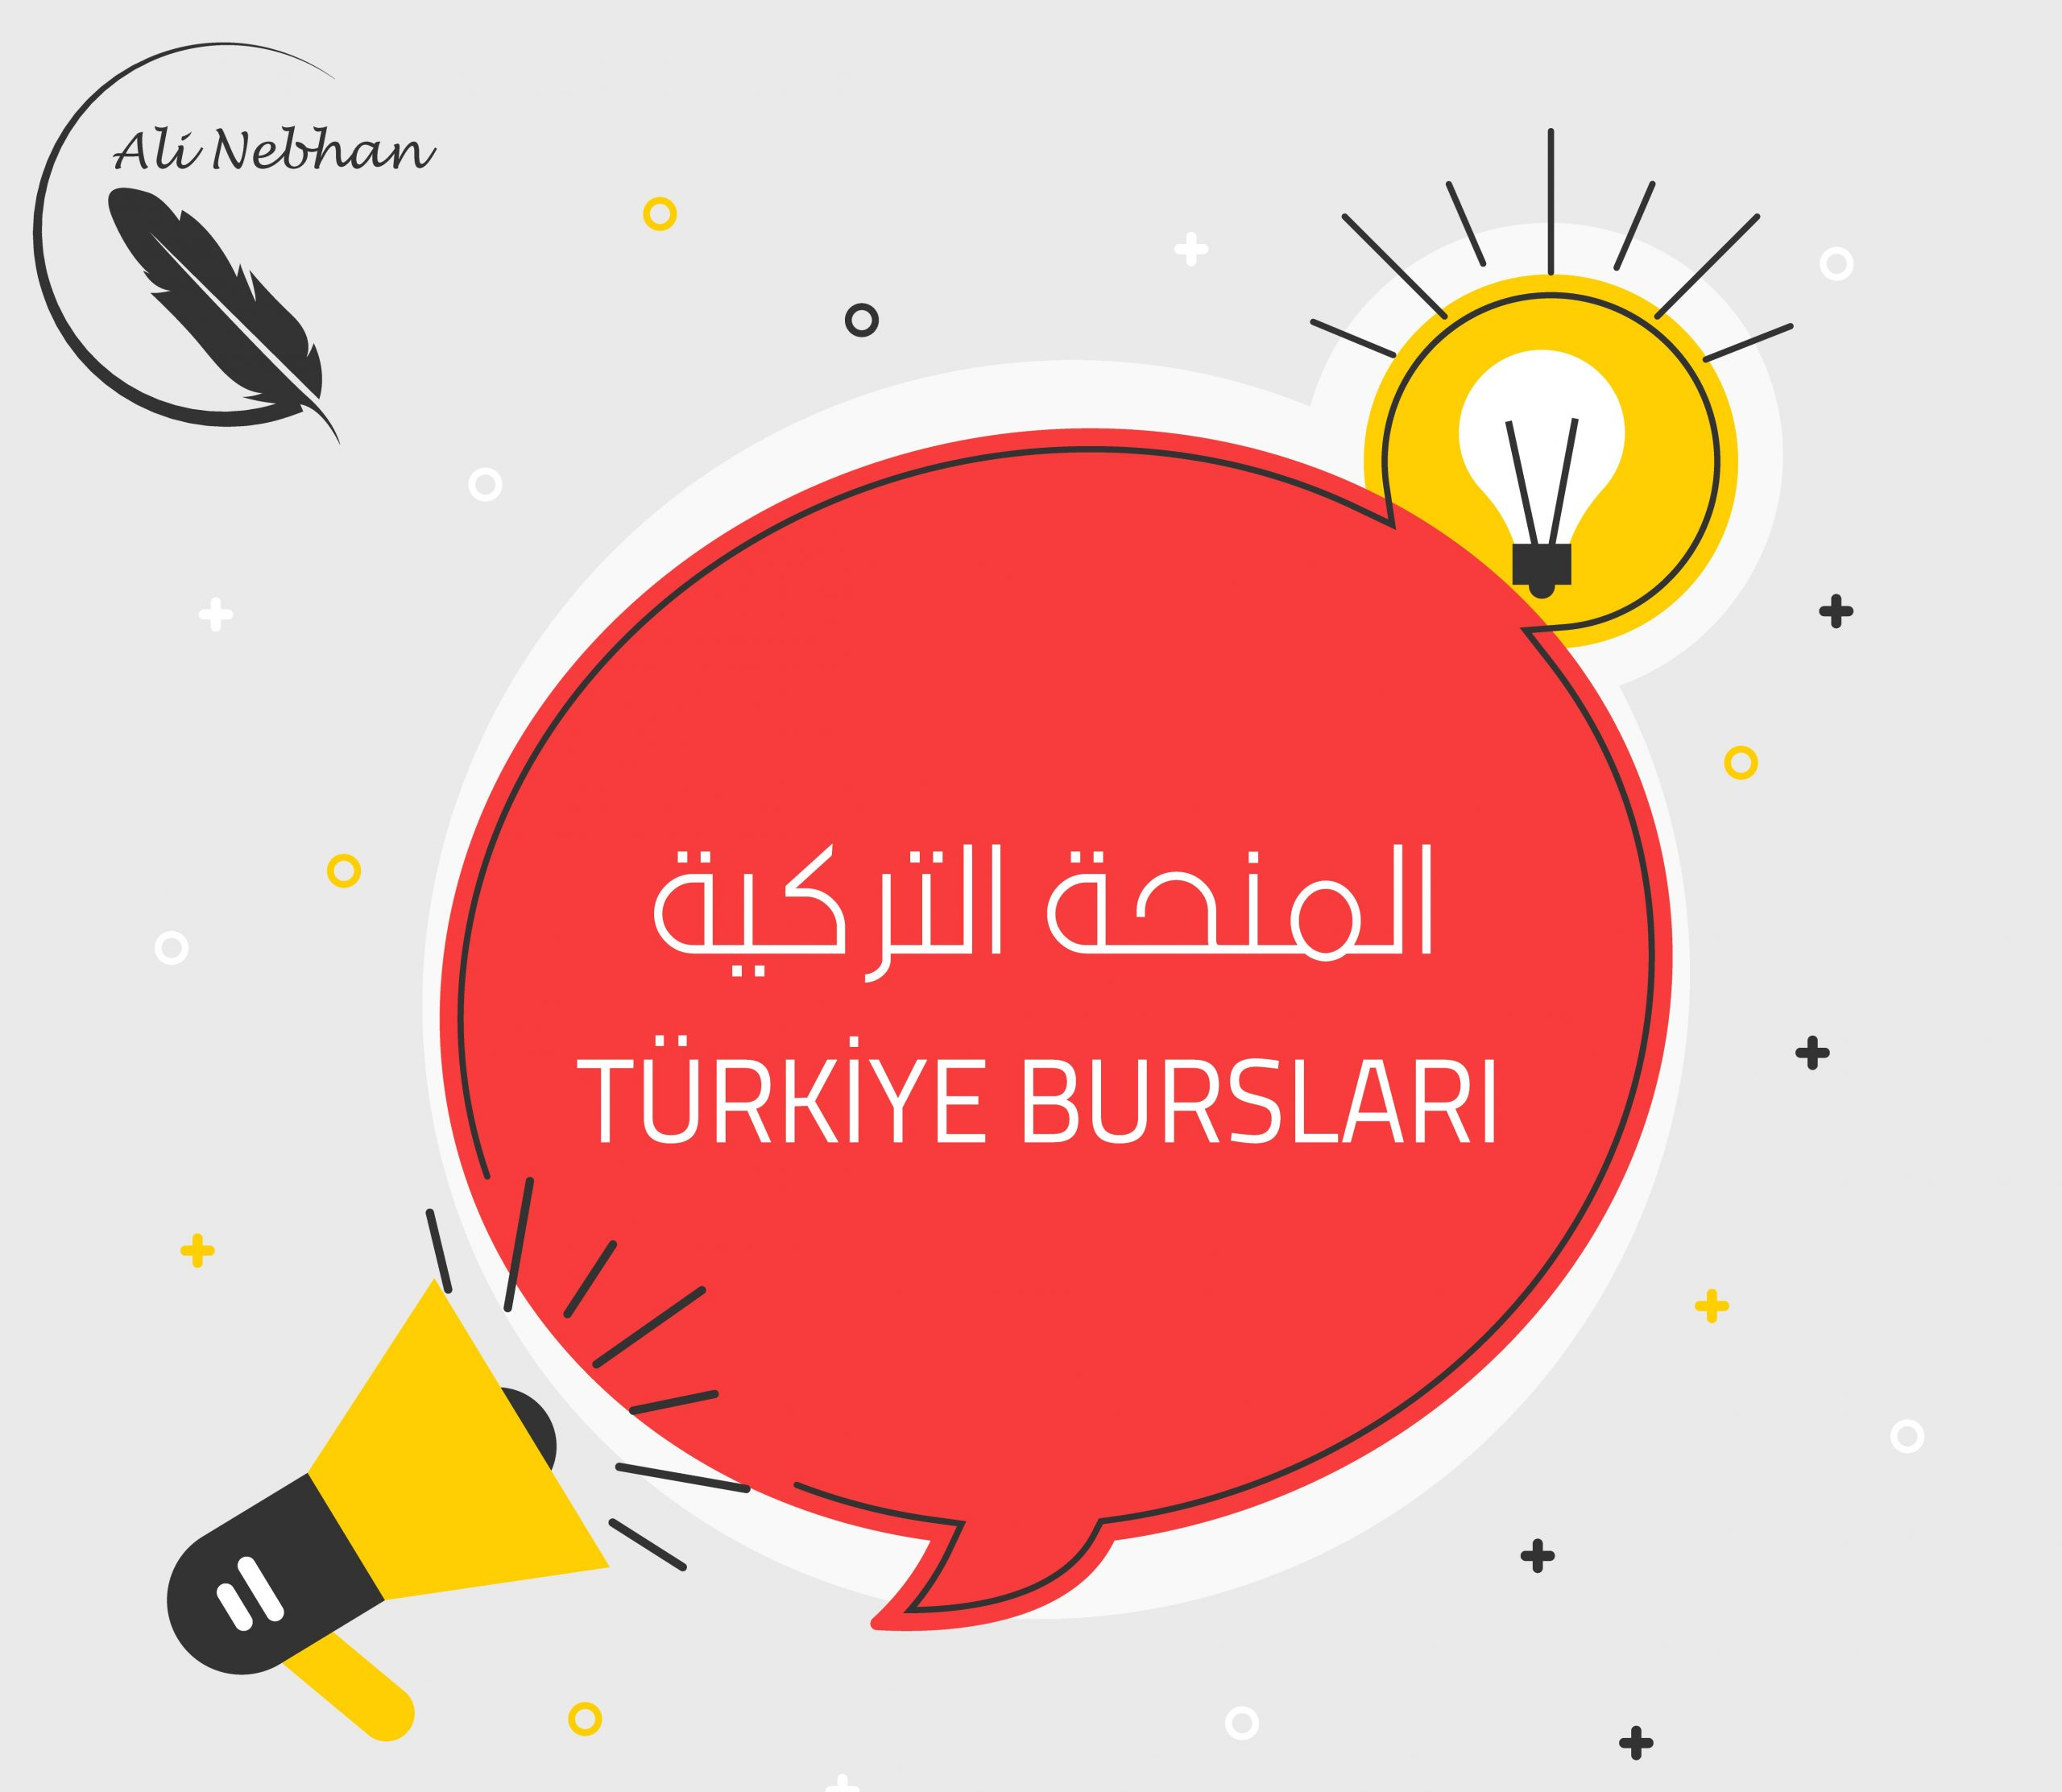 كيفية كتابة خطة البحث في خطاب النوايا للمنحة التركية 2020 2021 2022 علي النبهان